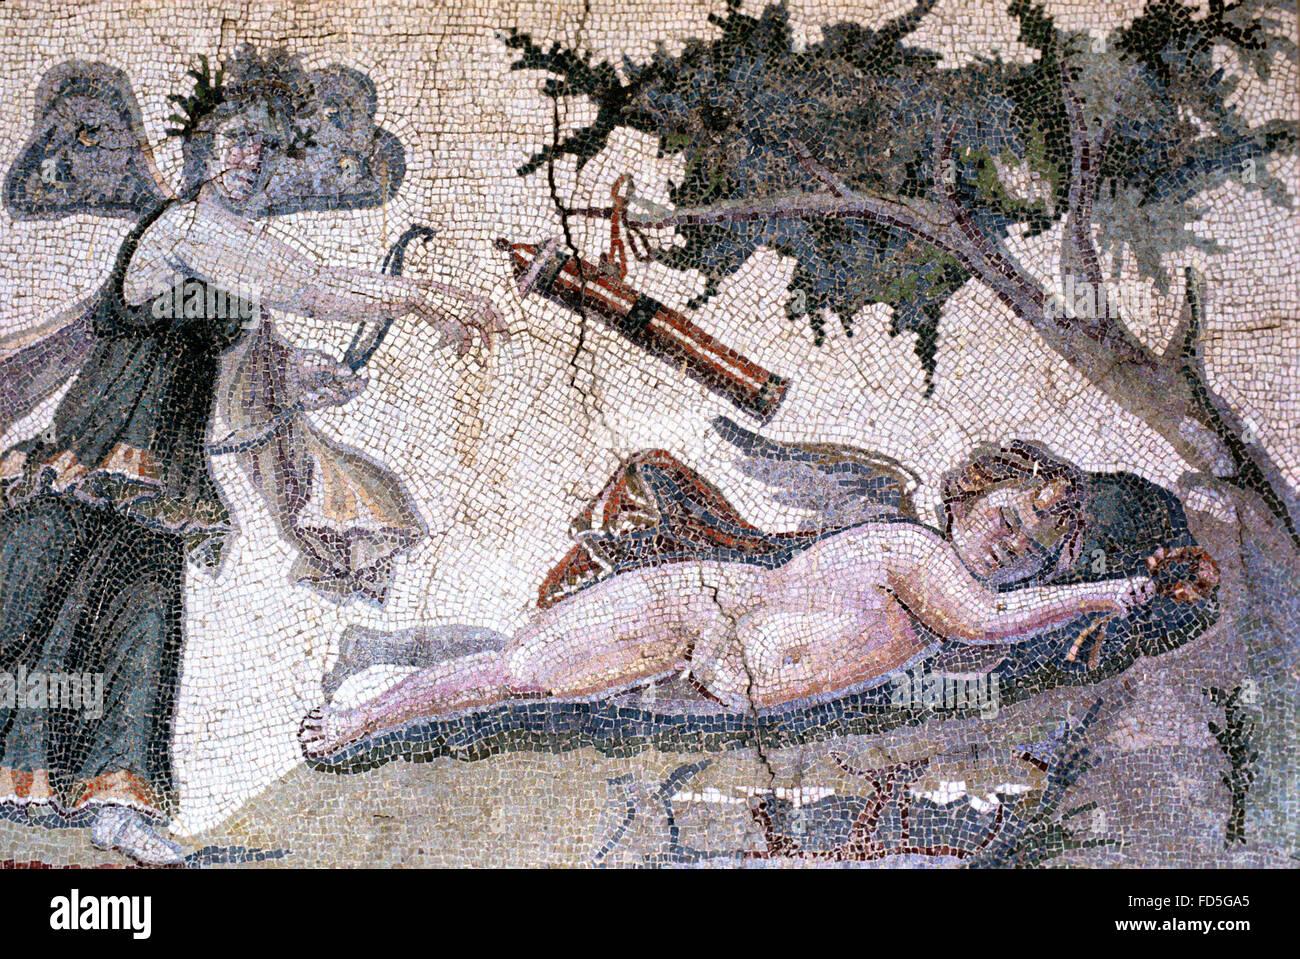 greek gods and mortals relationship quizzes